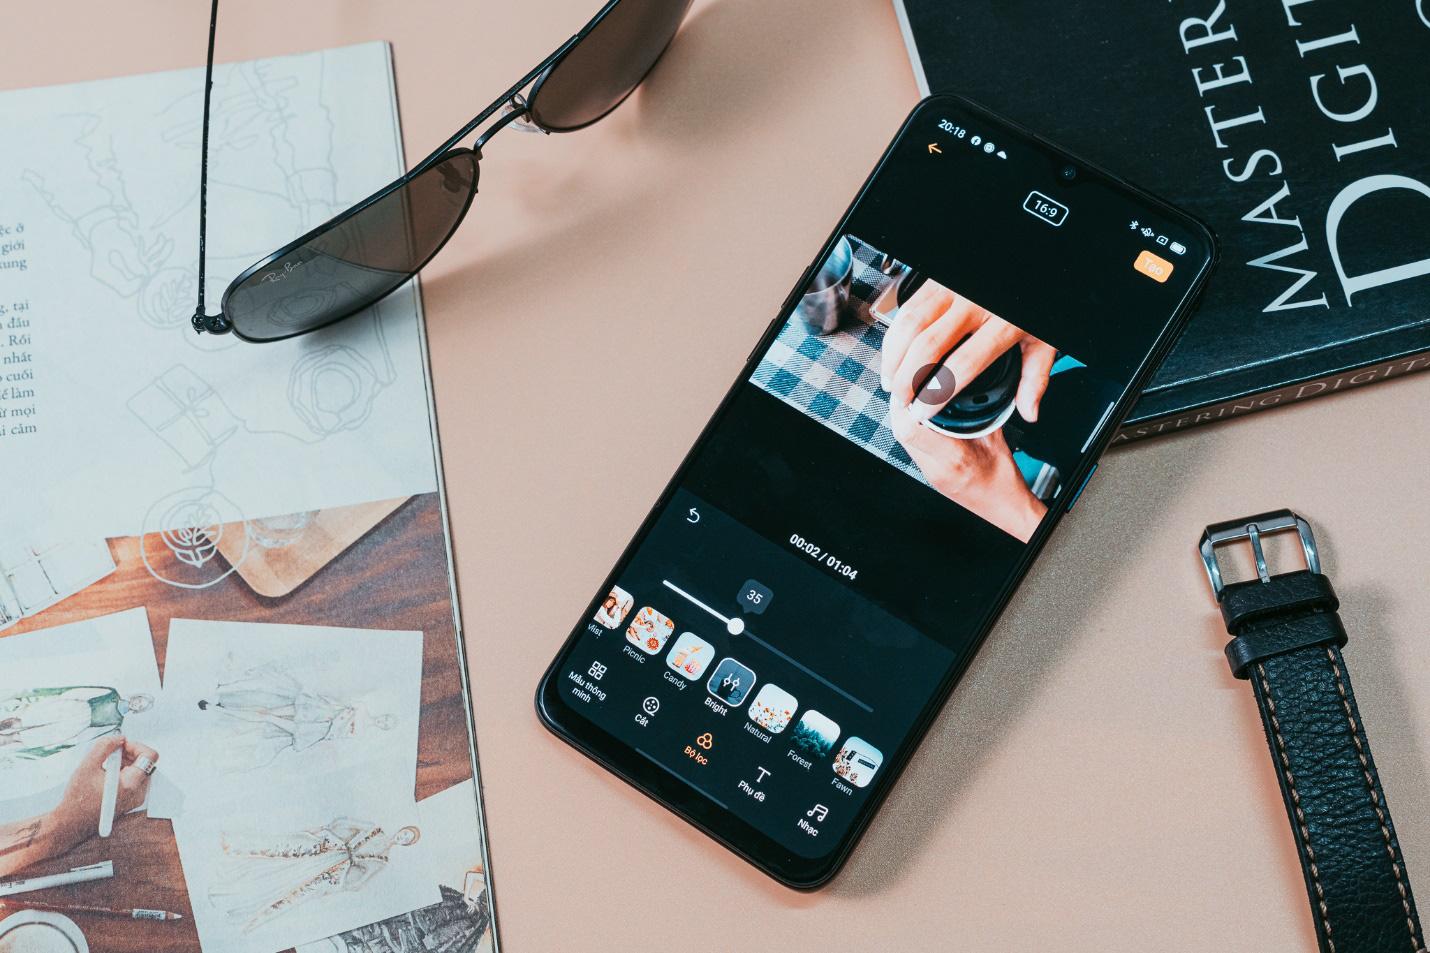 Bí kíp để có đoạn video siêu đỉnh chỉ bằng 1 chiếc điện thoại - Ảnh 8.